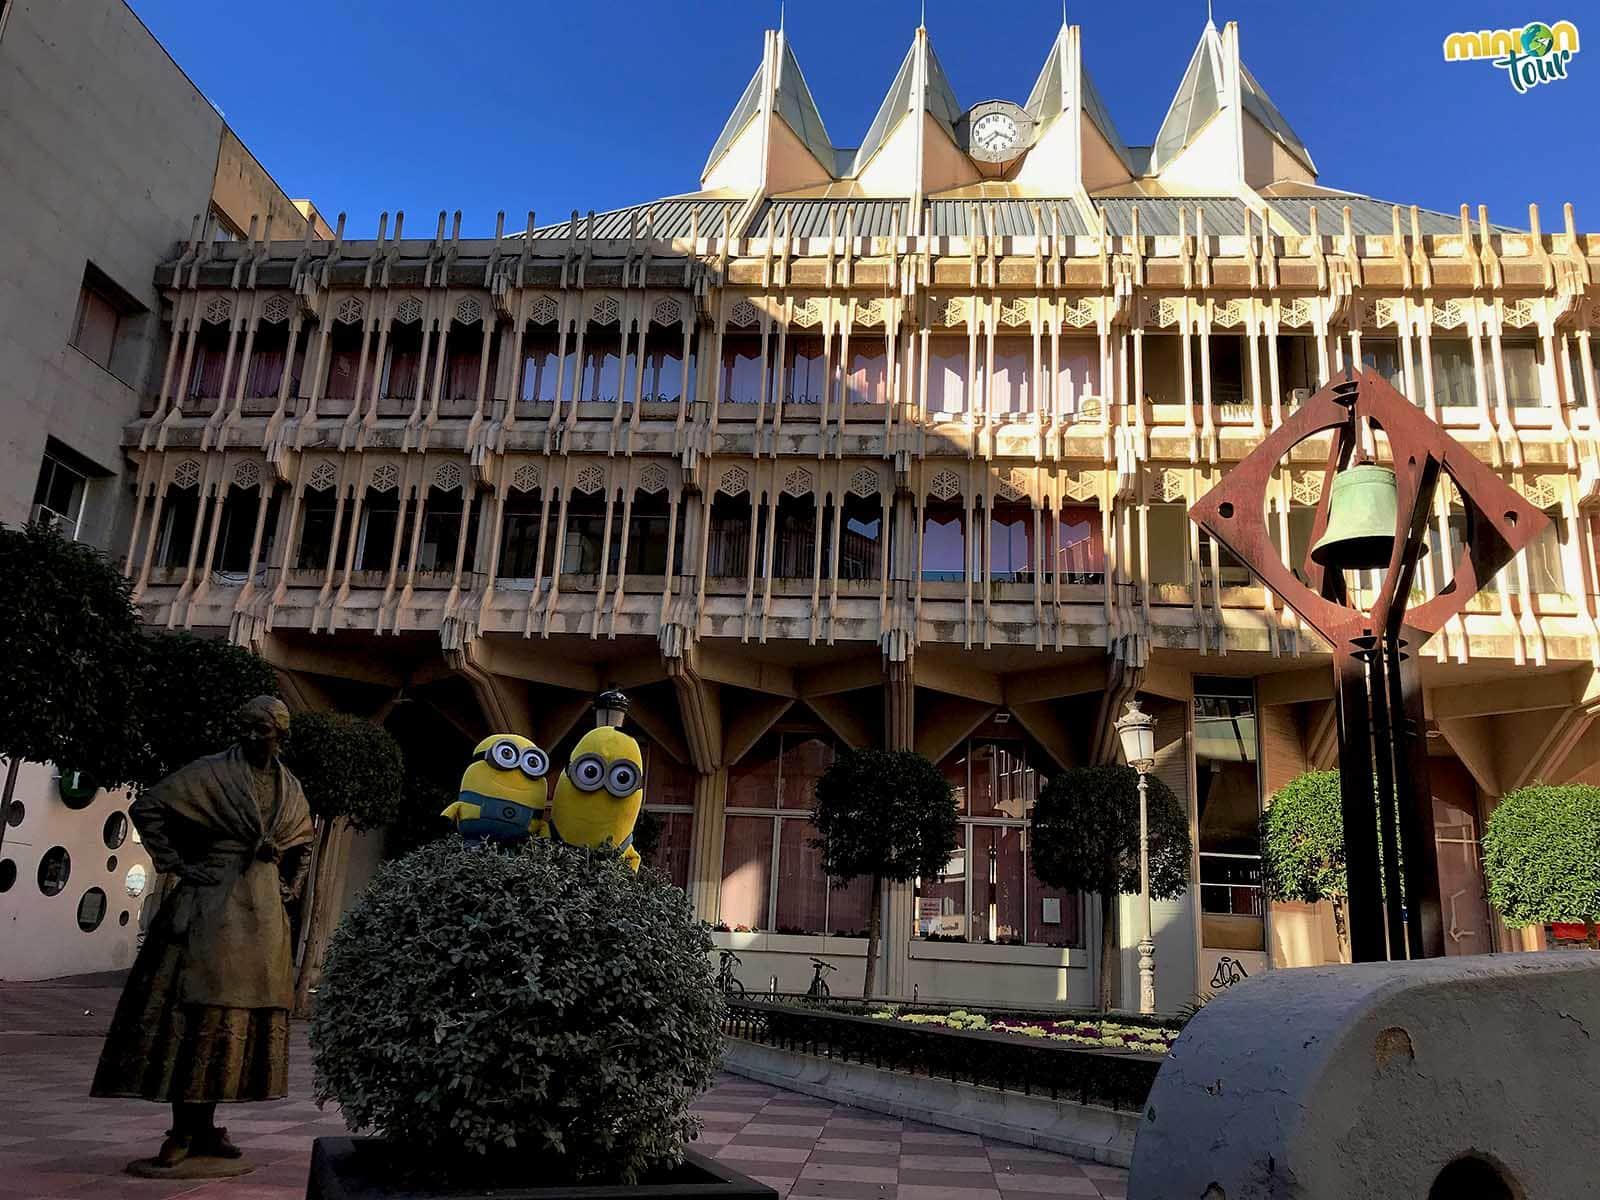 Este Ayuntamiento parece un palacio nórdico